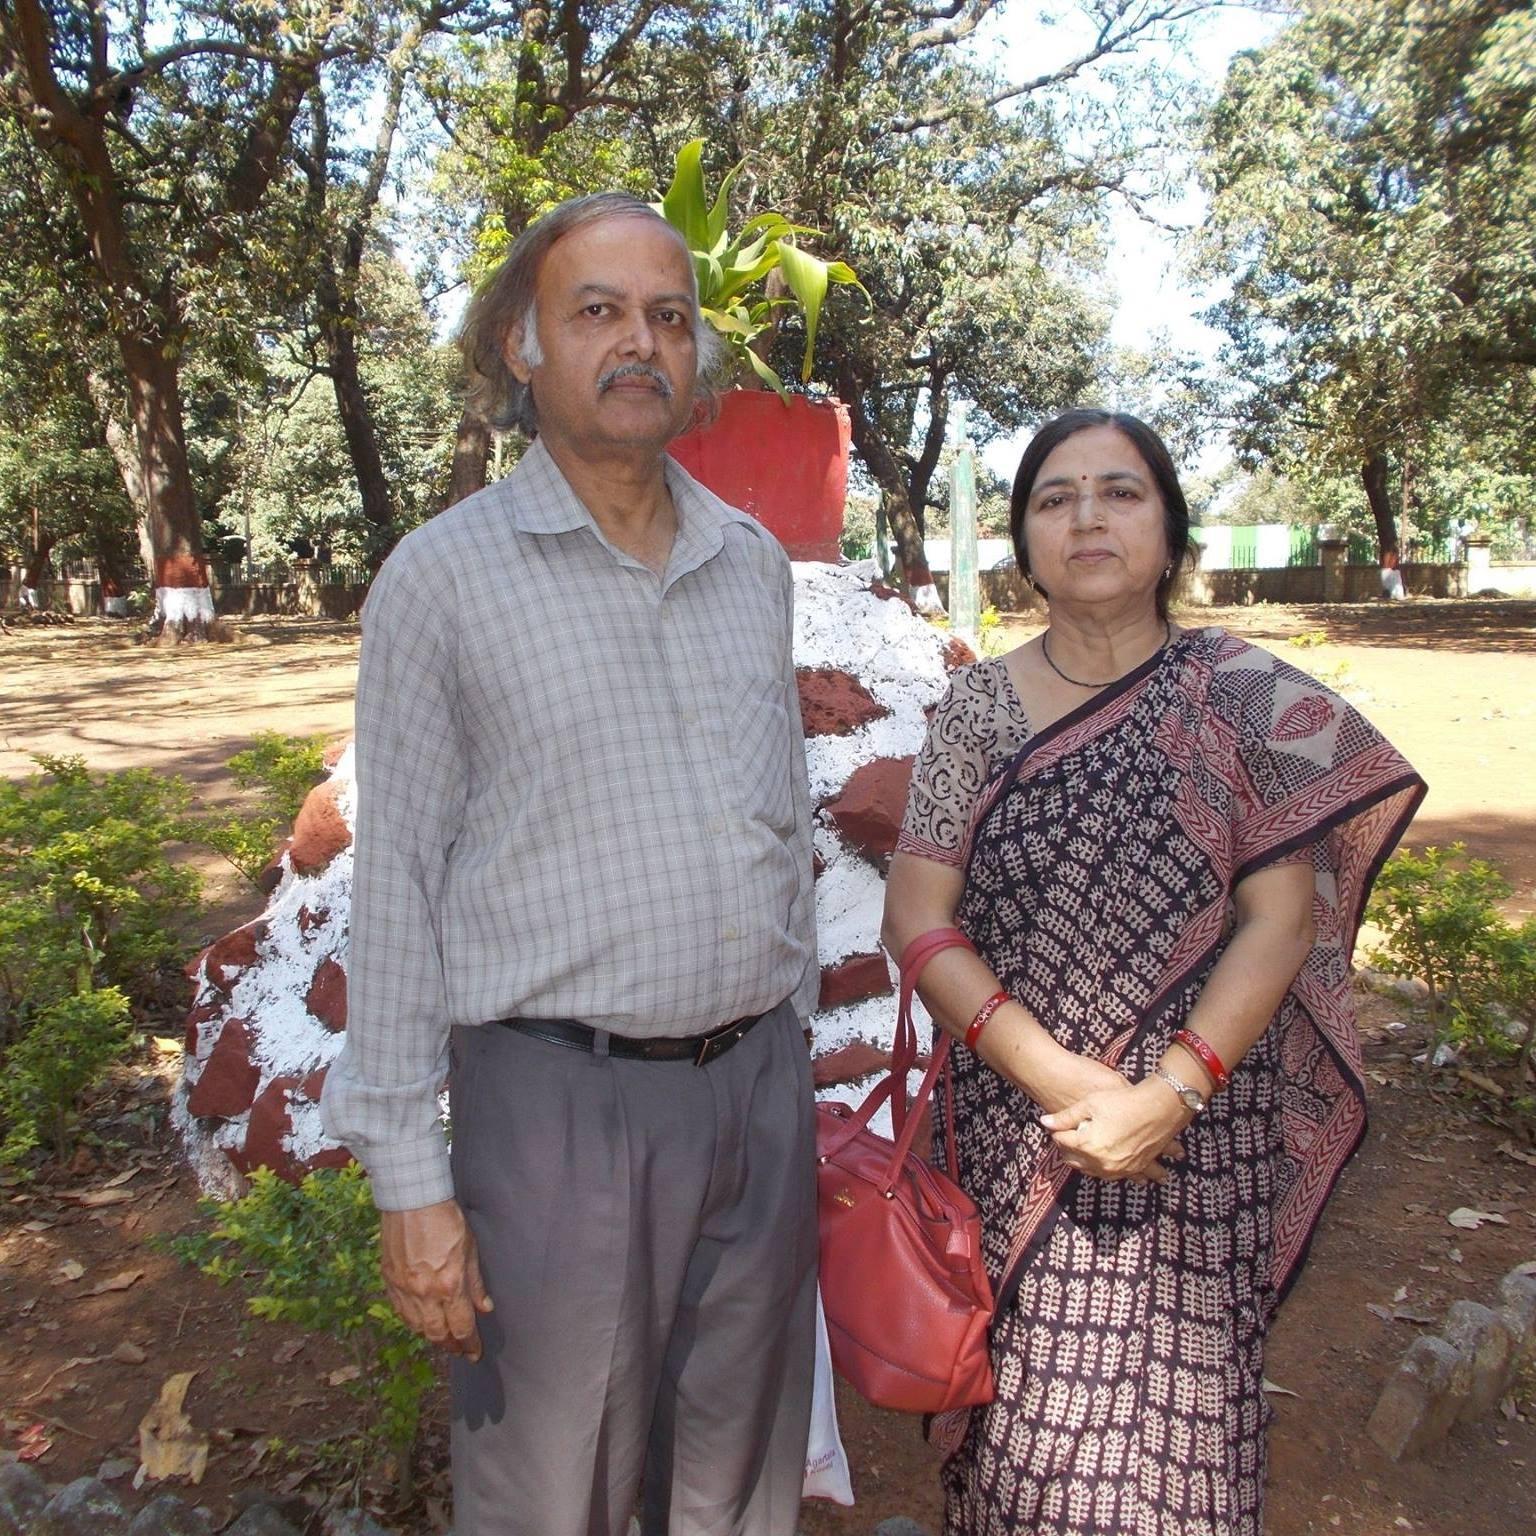 Pradeep Mukherjee